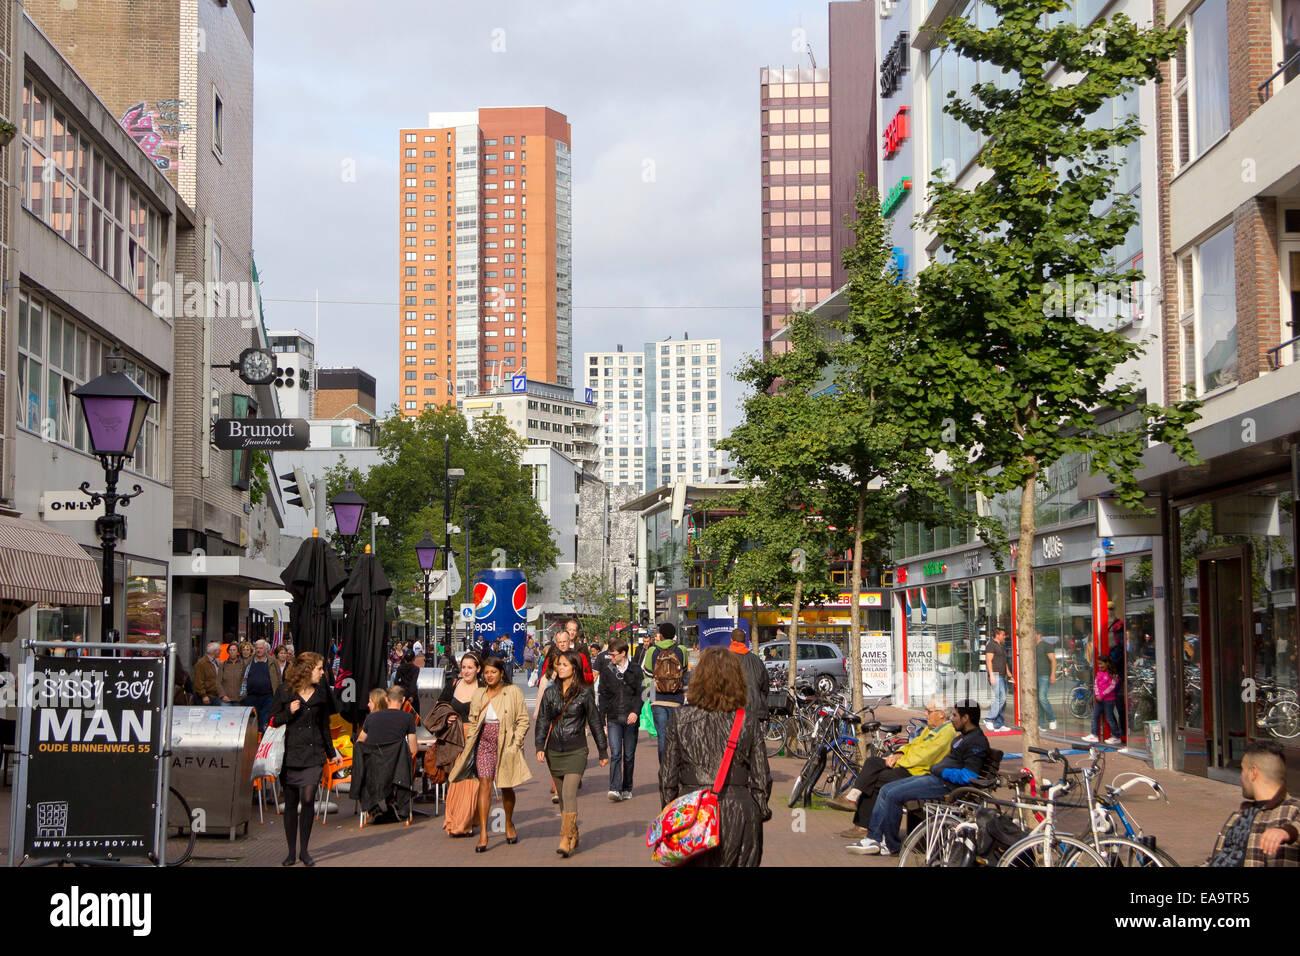 La concurrida calle comercial de Oude Binnenweg, Rotterdam, Países Bajos. Imagen De Stock